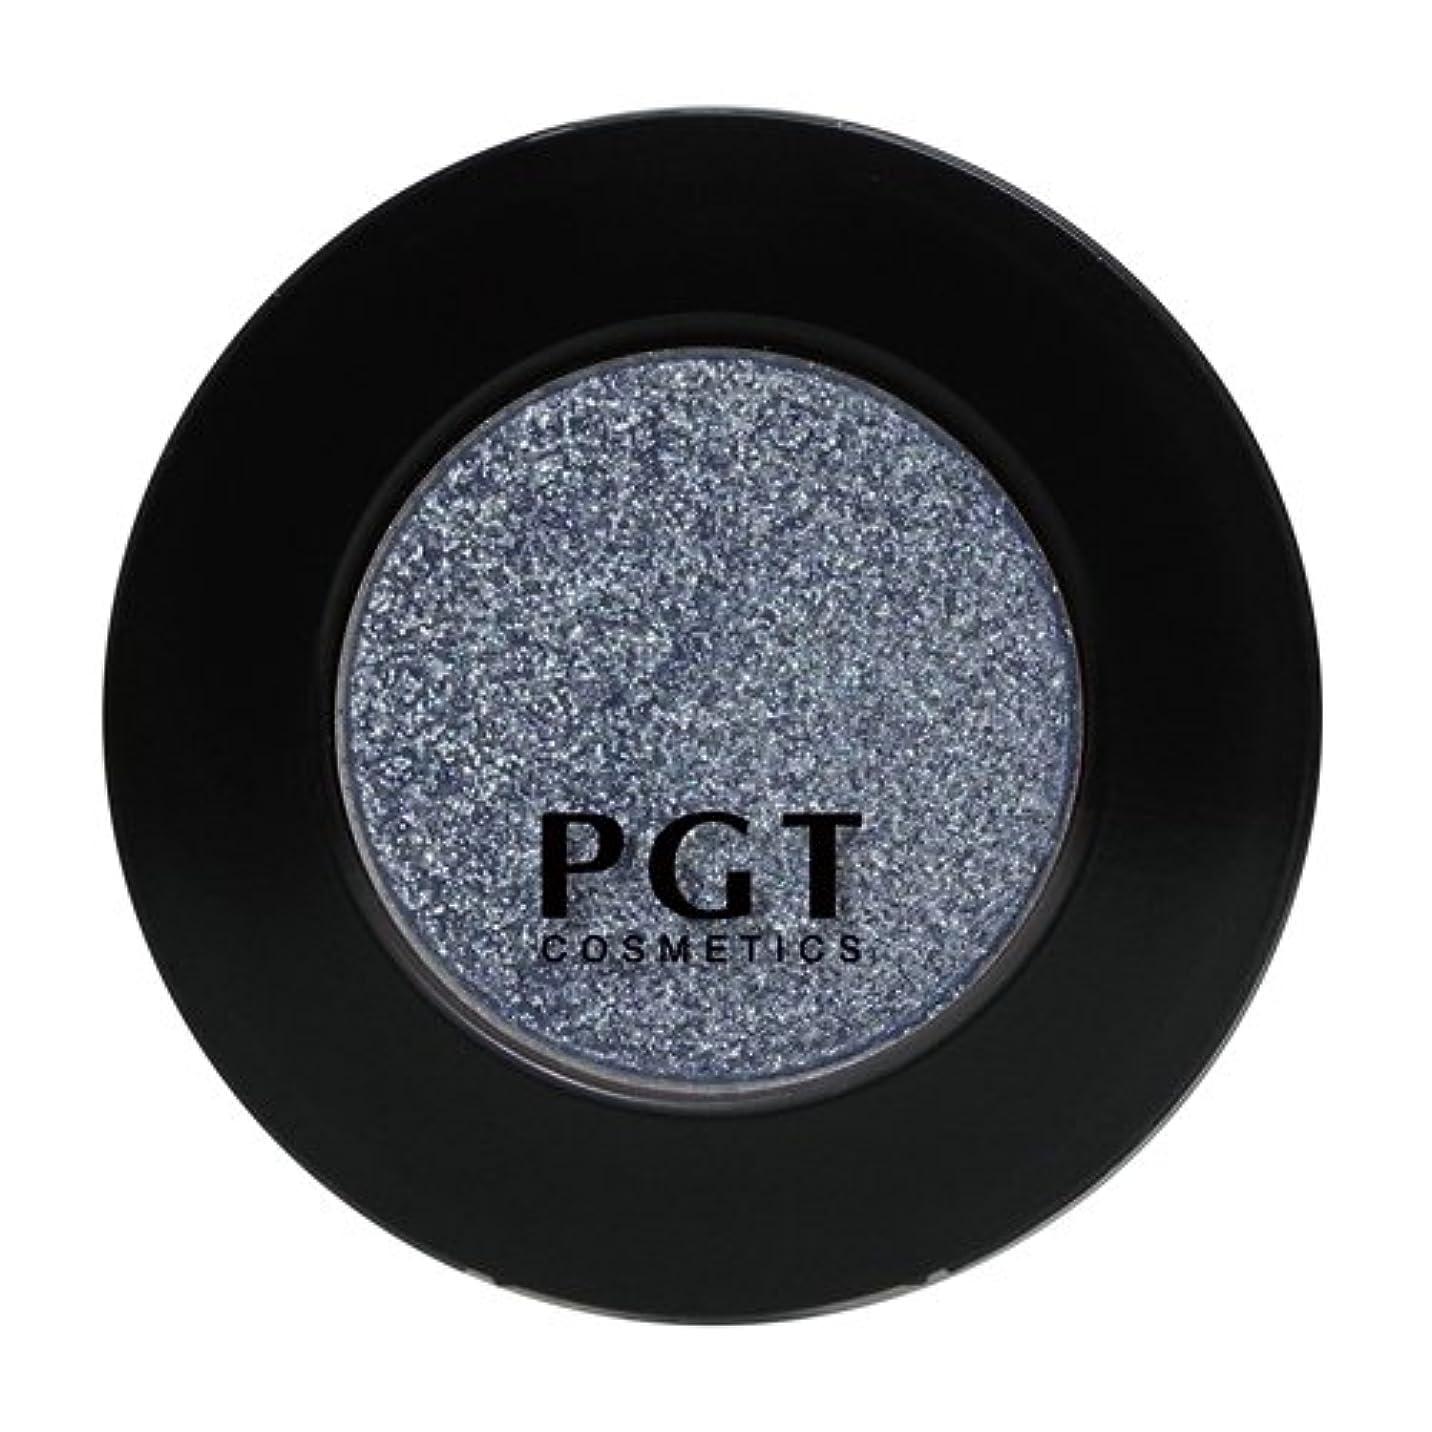 発表オーバーラン品種パルガントン スパークリングアイシャドウSE175 ブルー